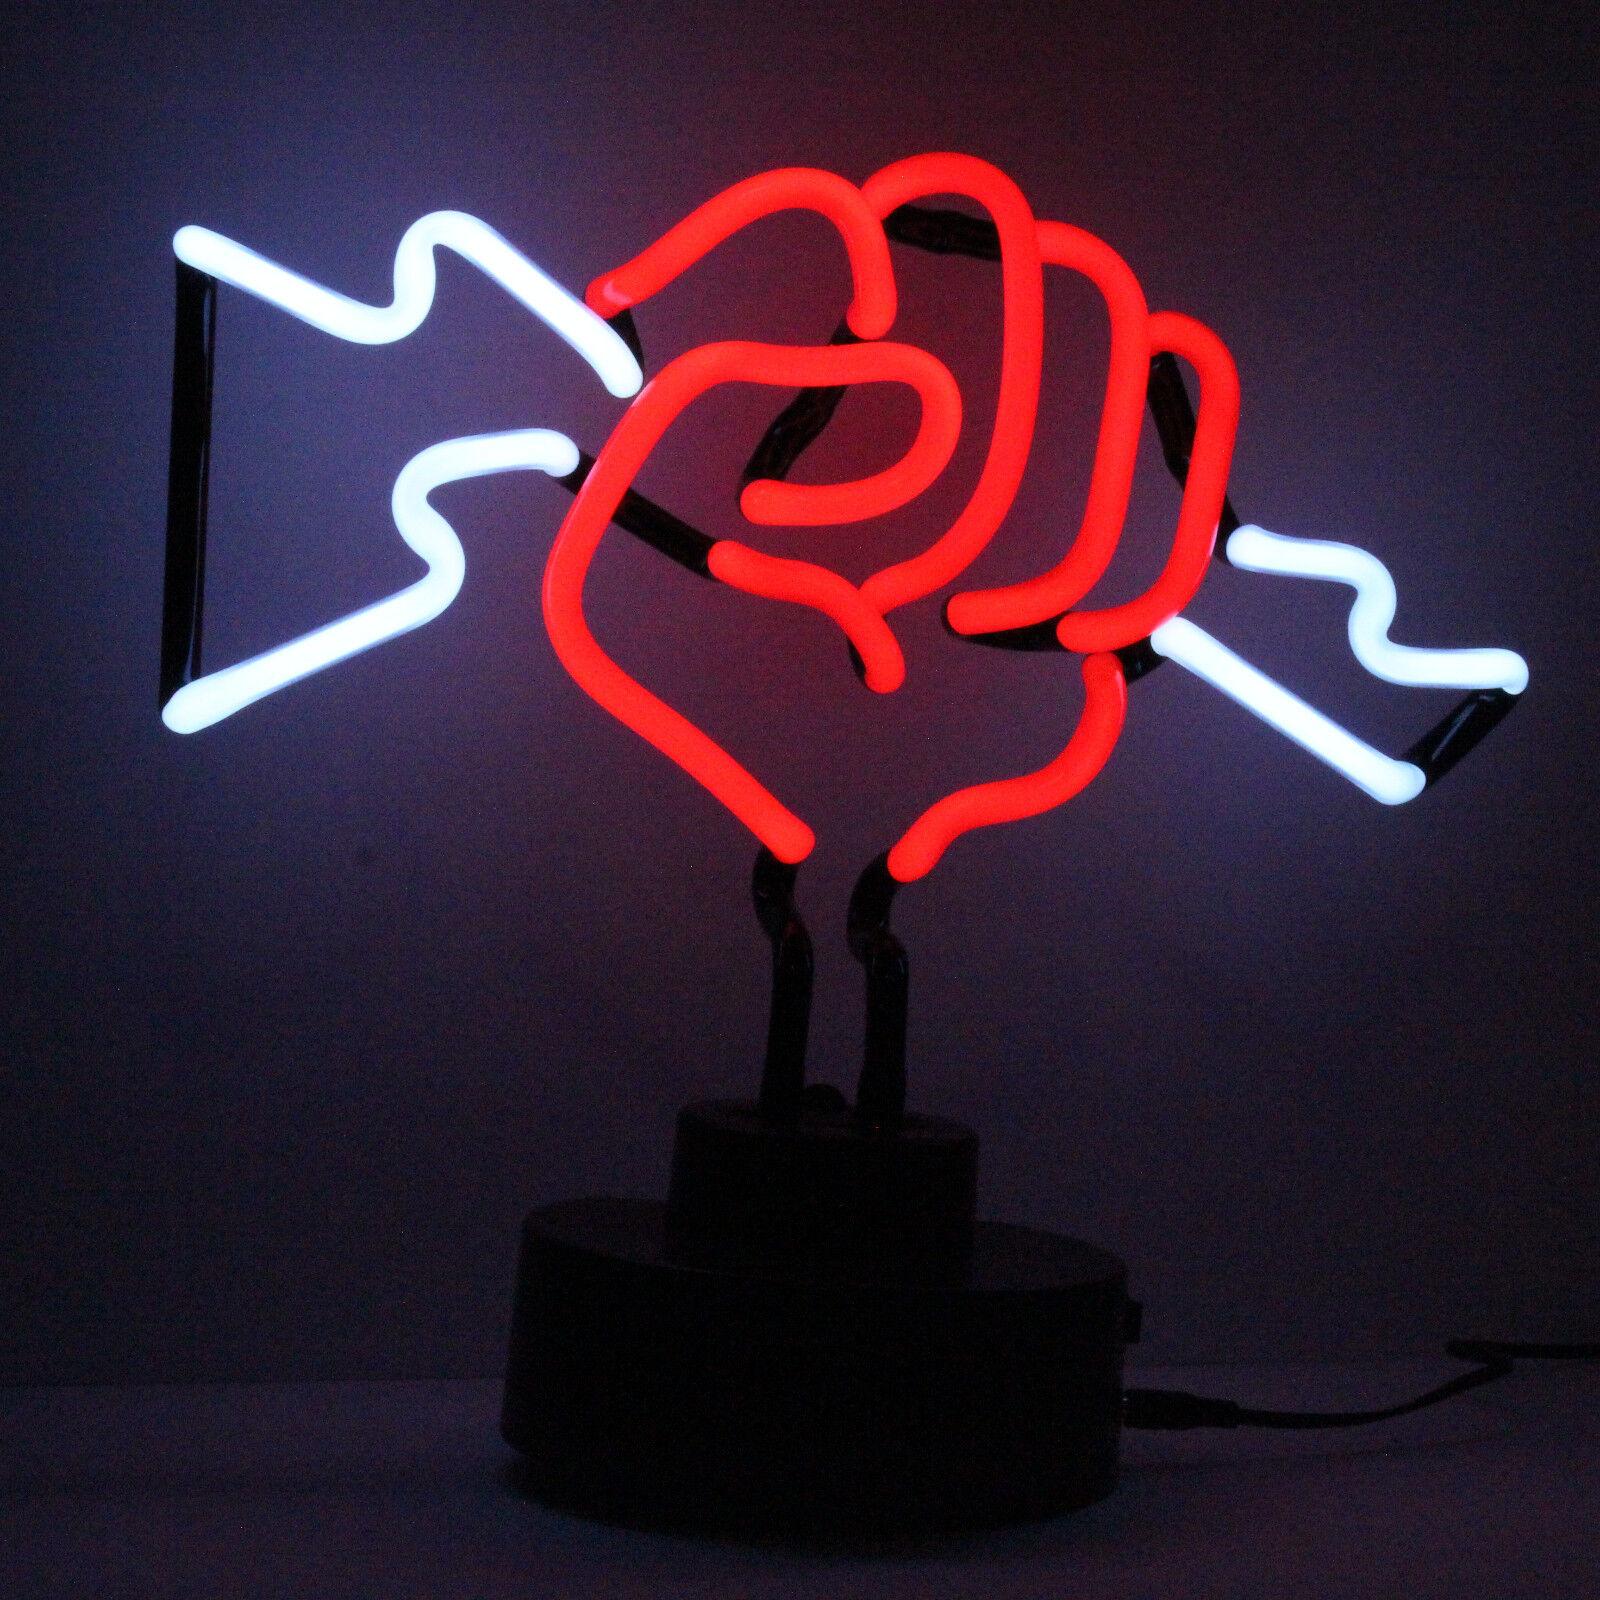 Meglio Neon O Led dettagli su neon insegna tesla rolling stones elettricista dj luce pugno  w/fulmine bullone